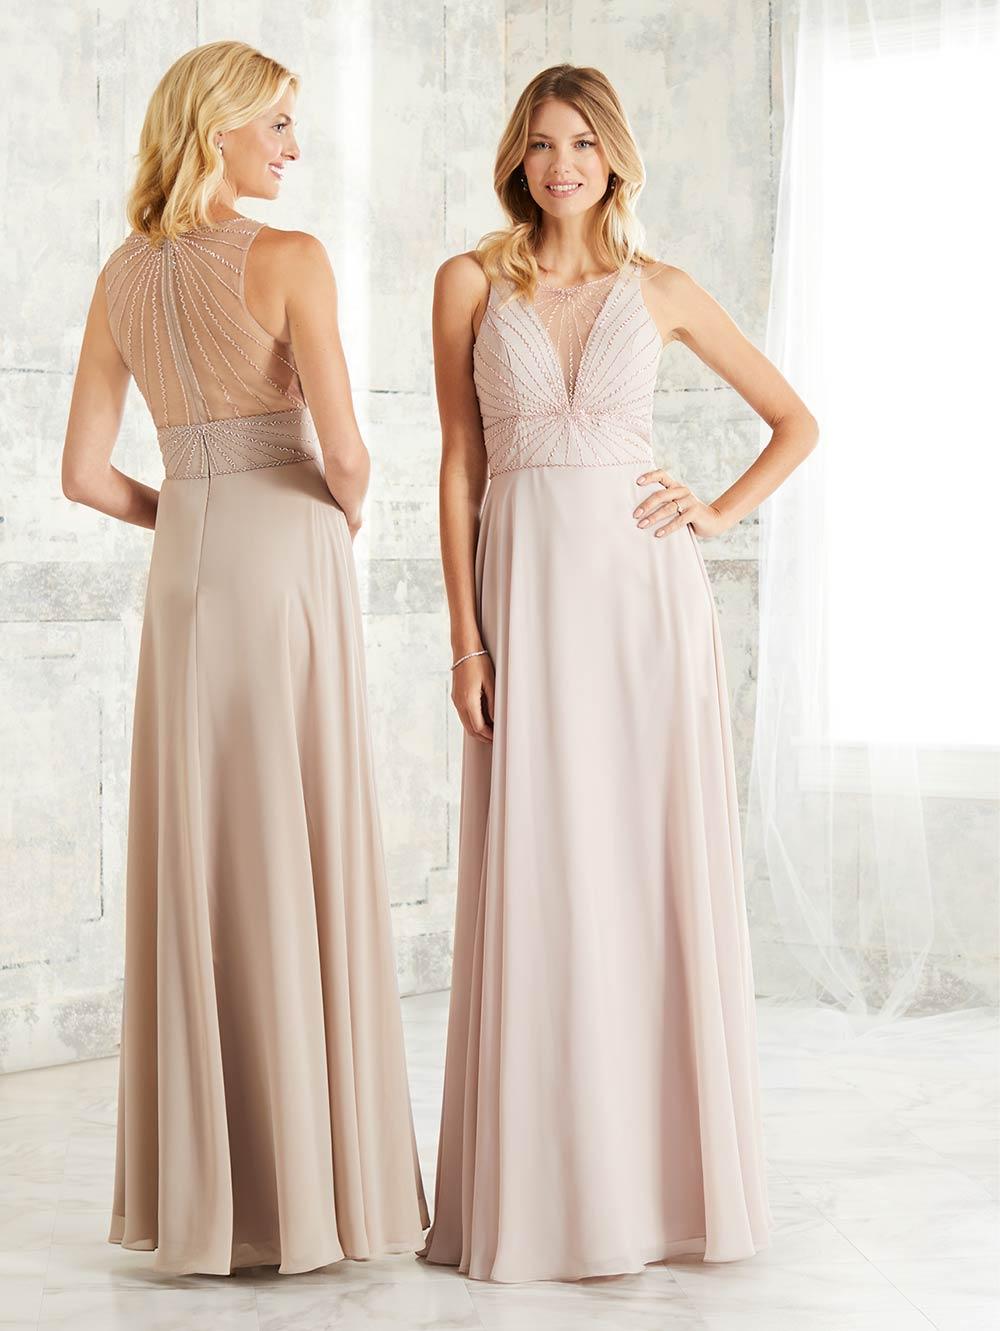 bridesmaid-dresses-adrianna-papell-platinum-27852